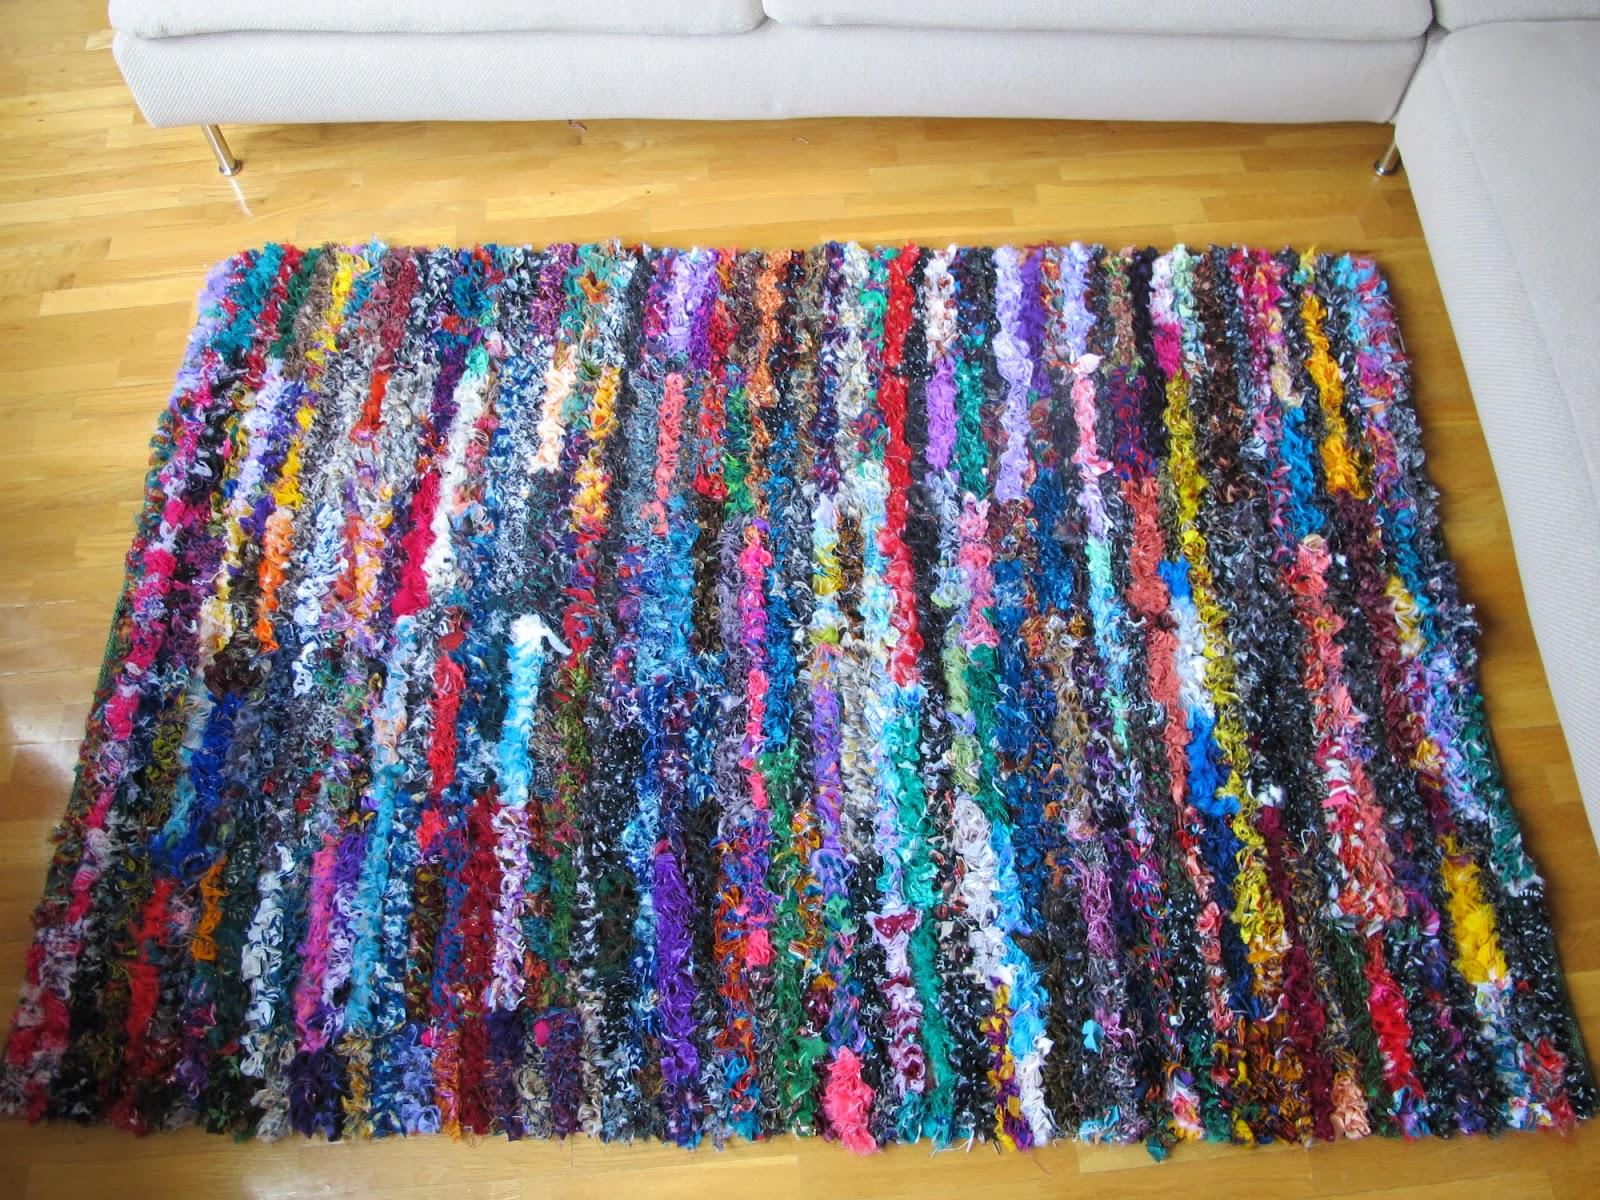 Mimitos home nuevas alfombras indias de colores para tu casa for Alfombras indias